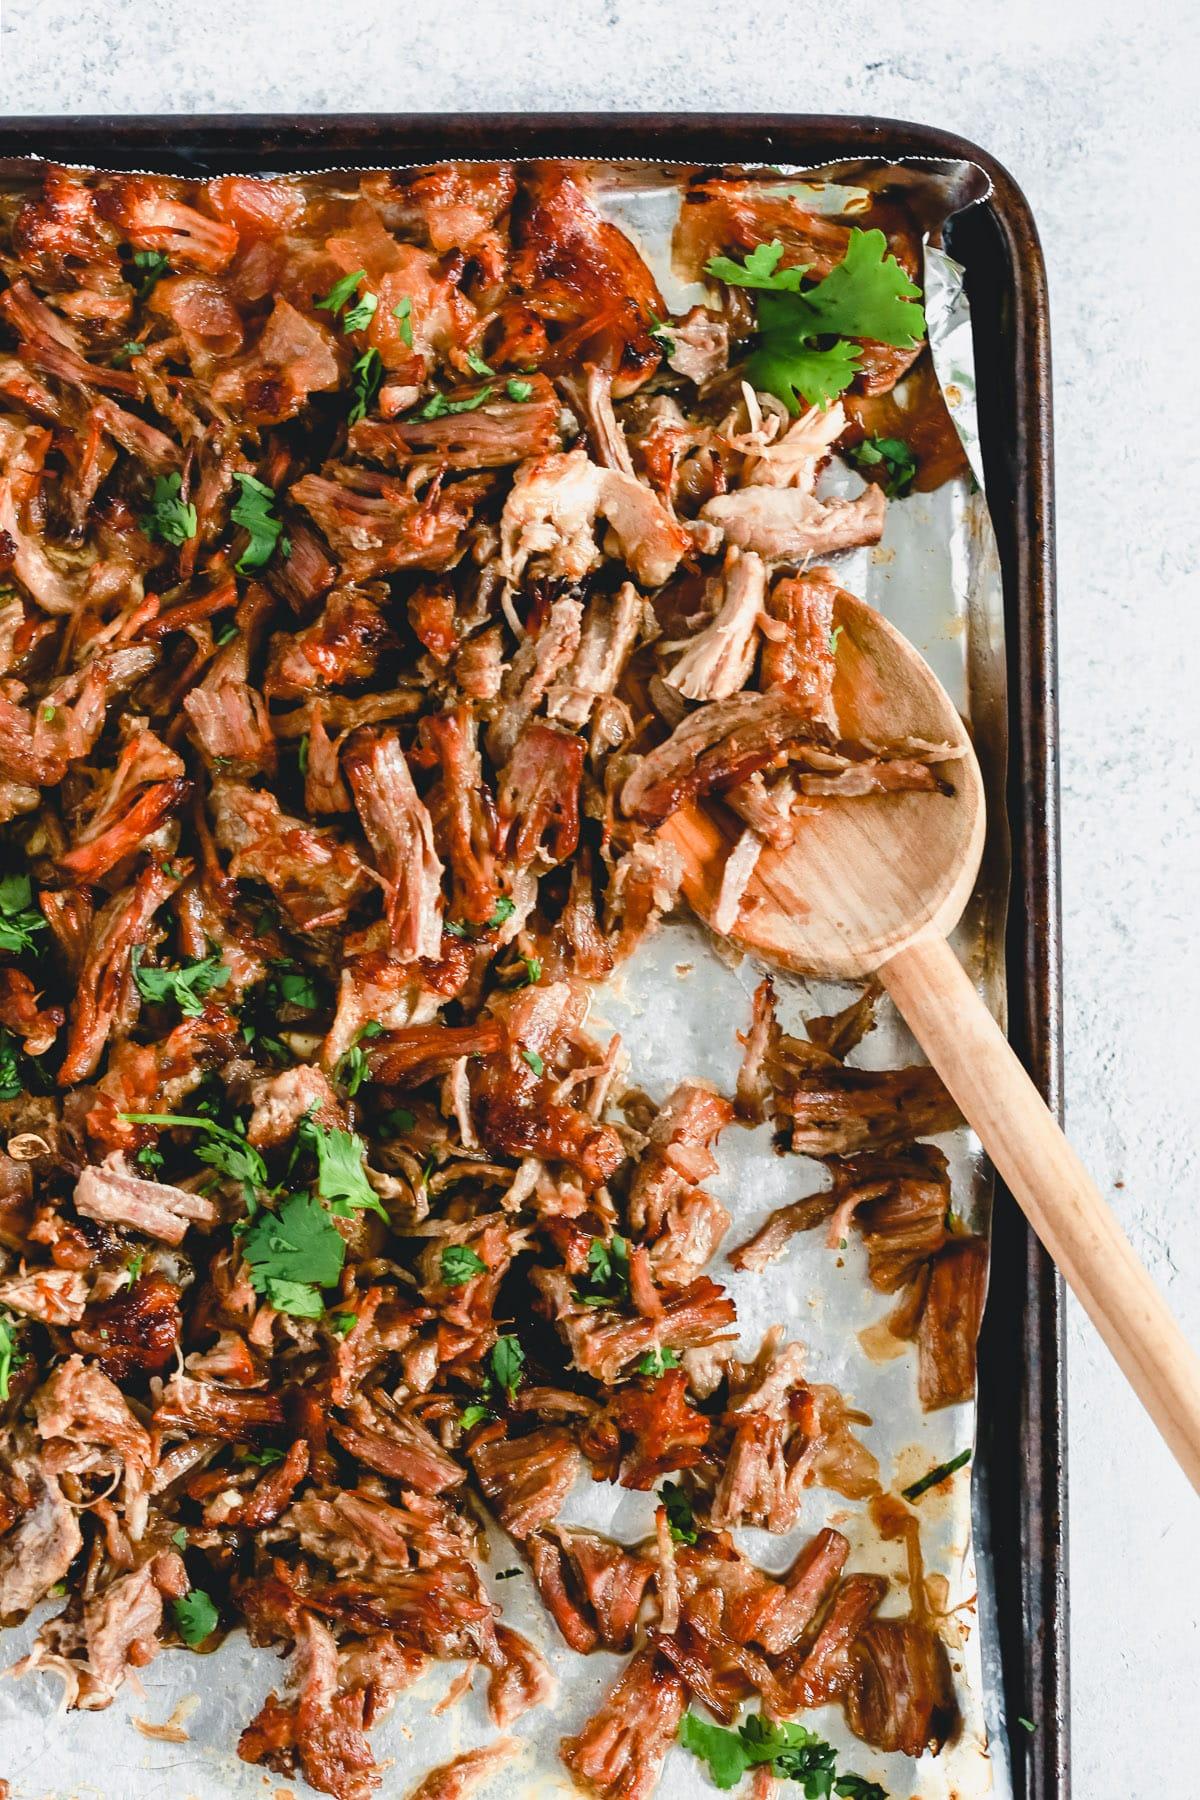 shredded pork carnitas on sheet pan